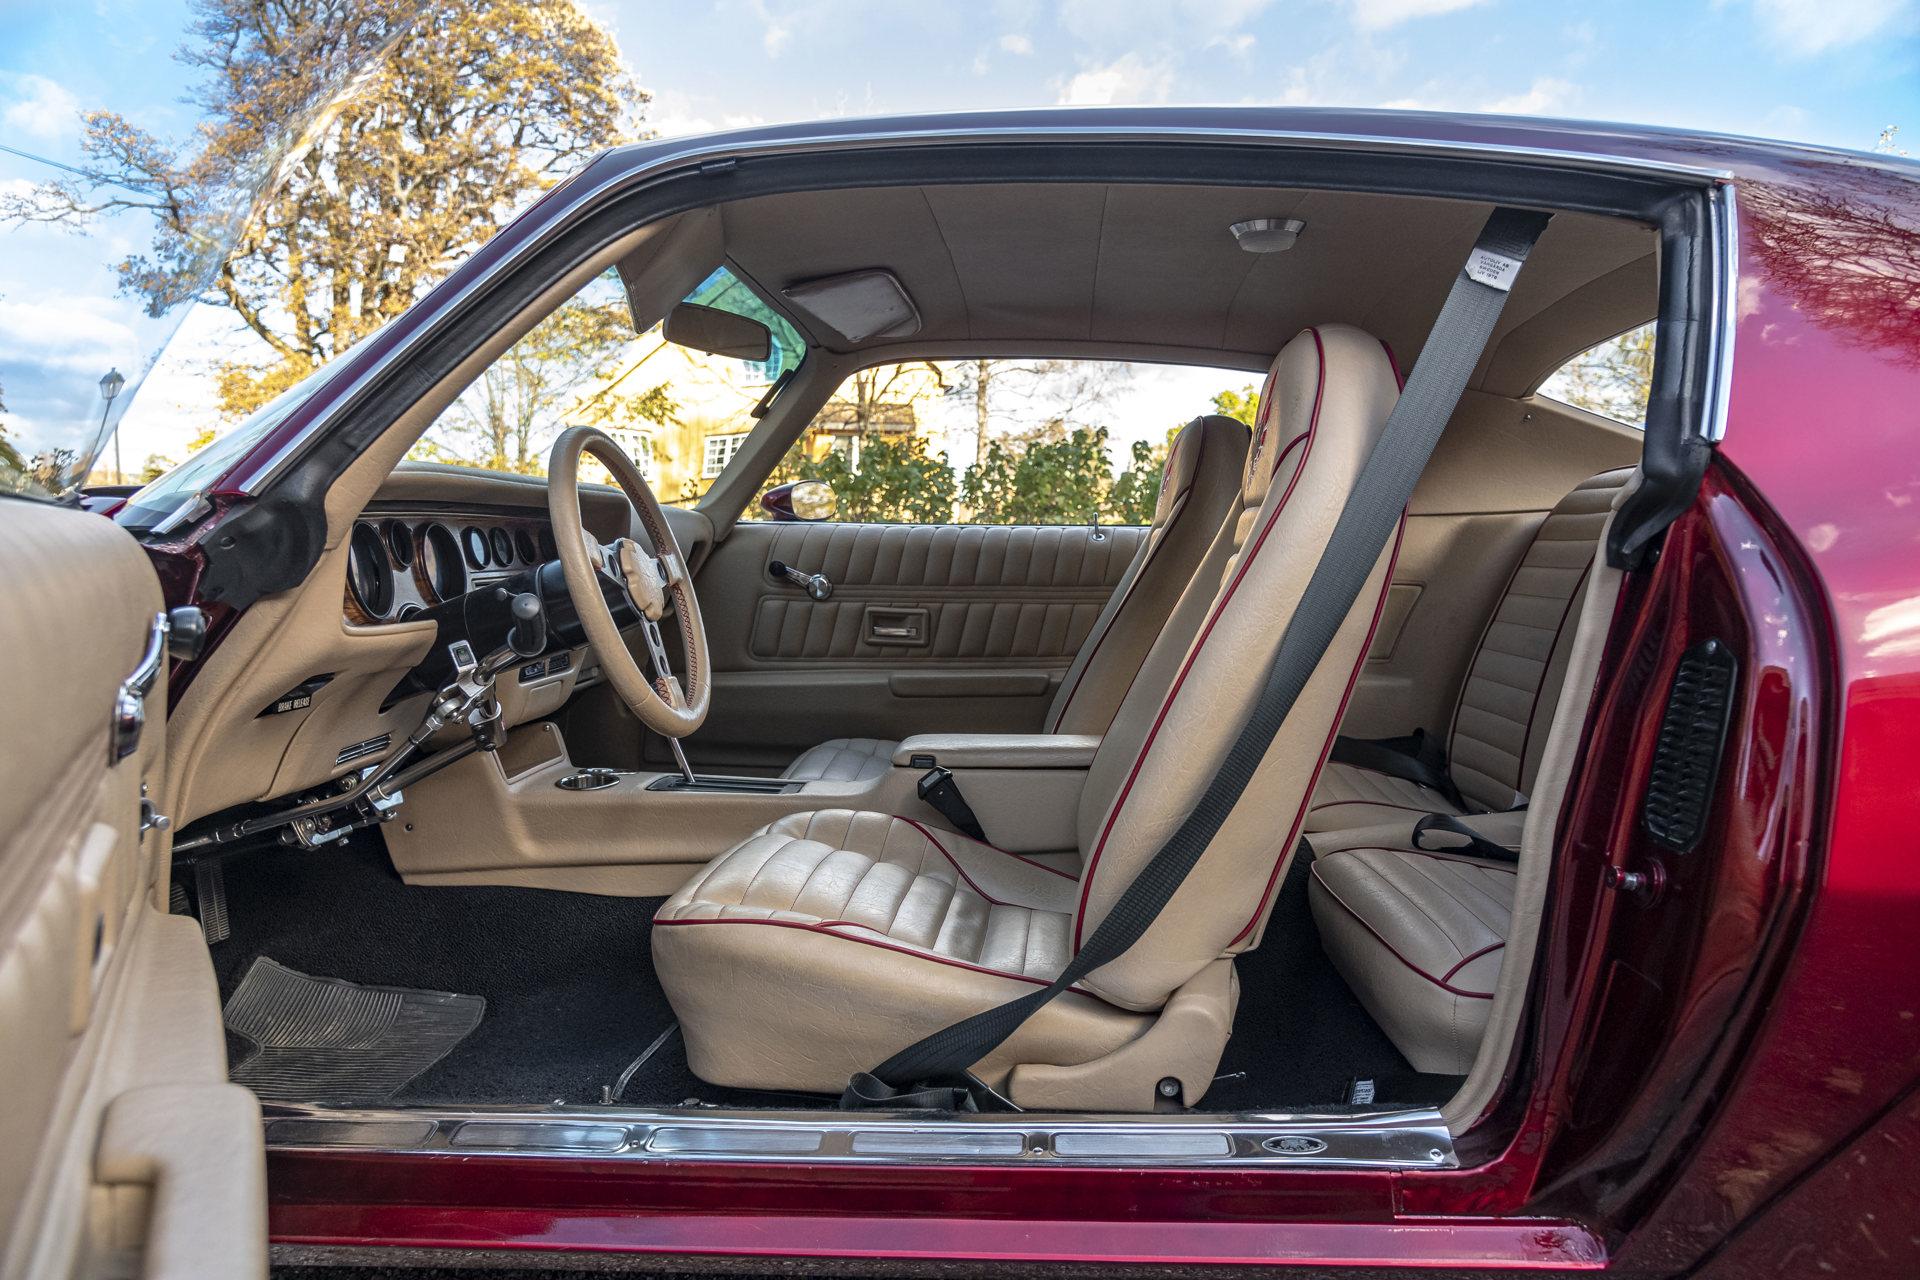 239-1971 Pontiac Firebird 350 04. Eier- medlem 239